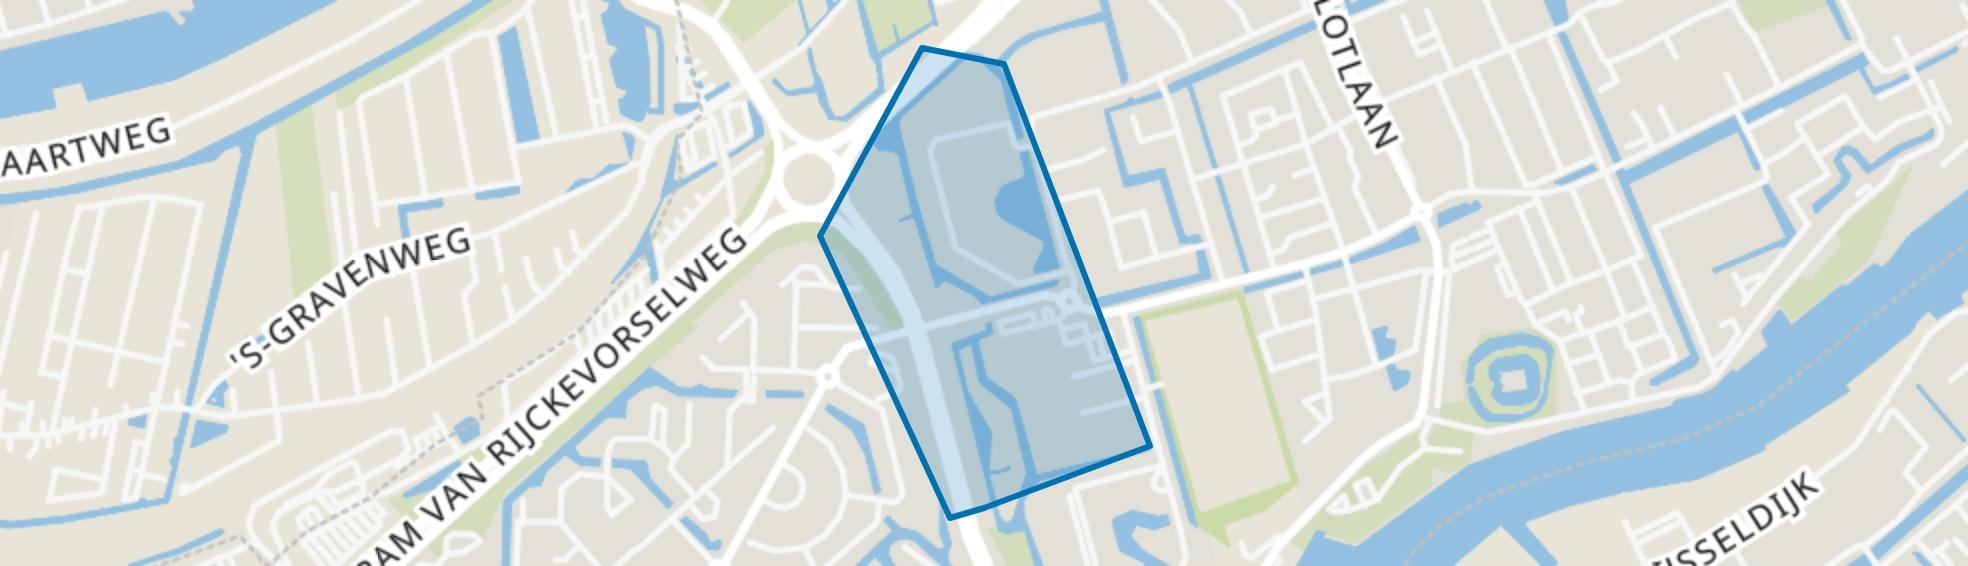 Reviusbuurt, Capelle aan den IJssel map